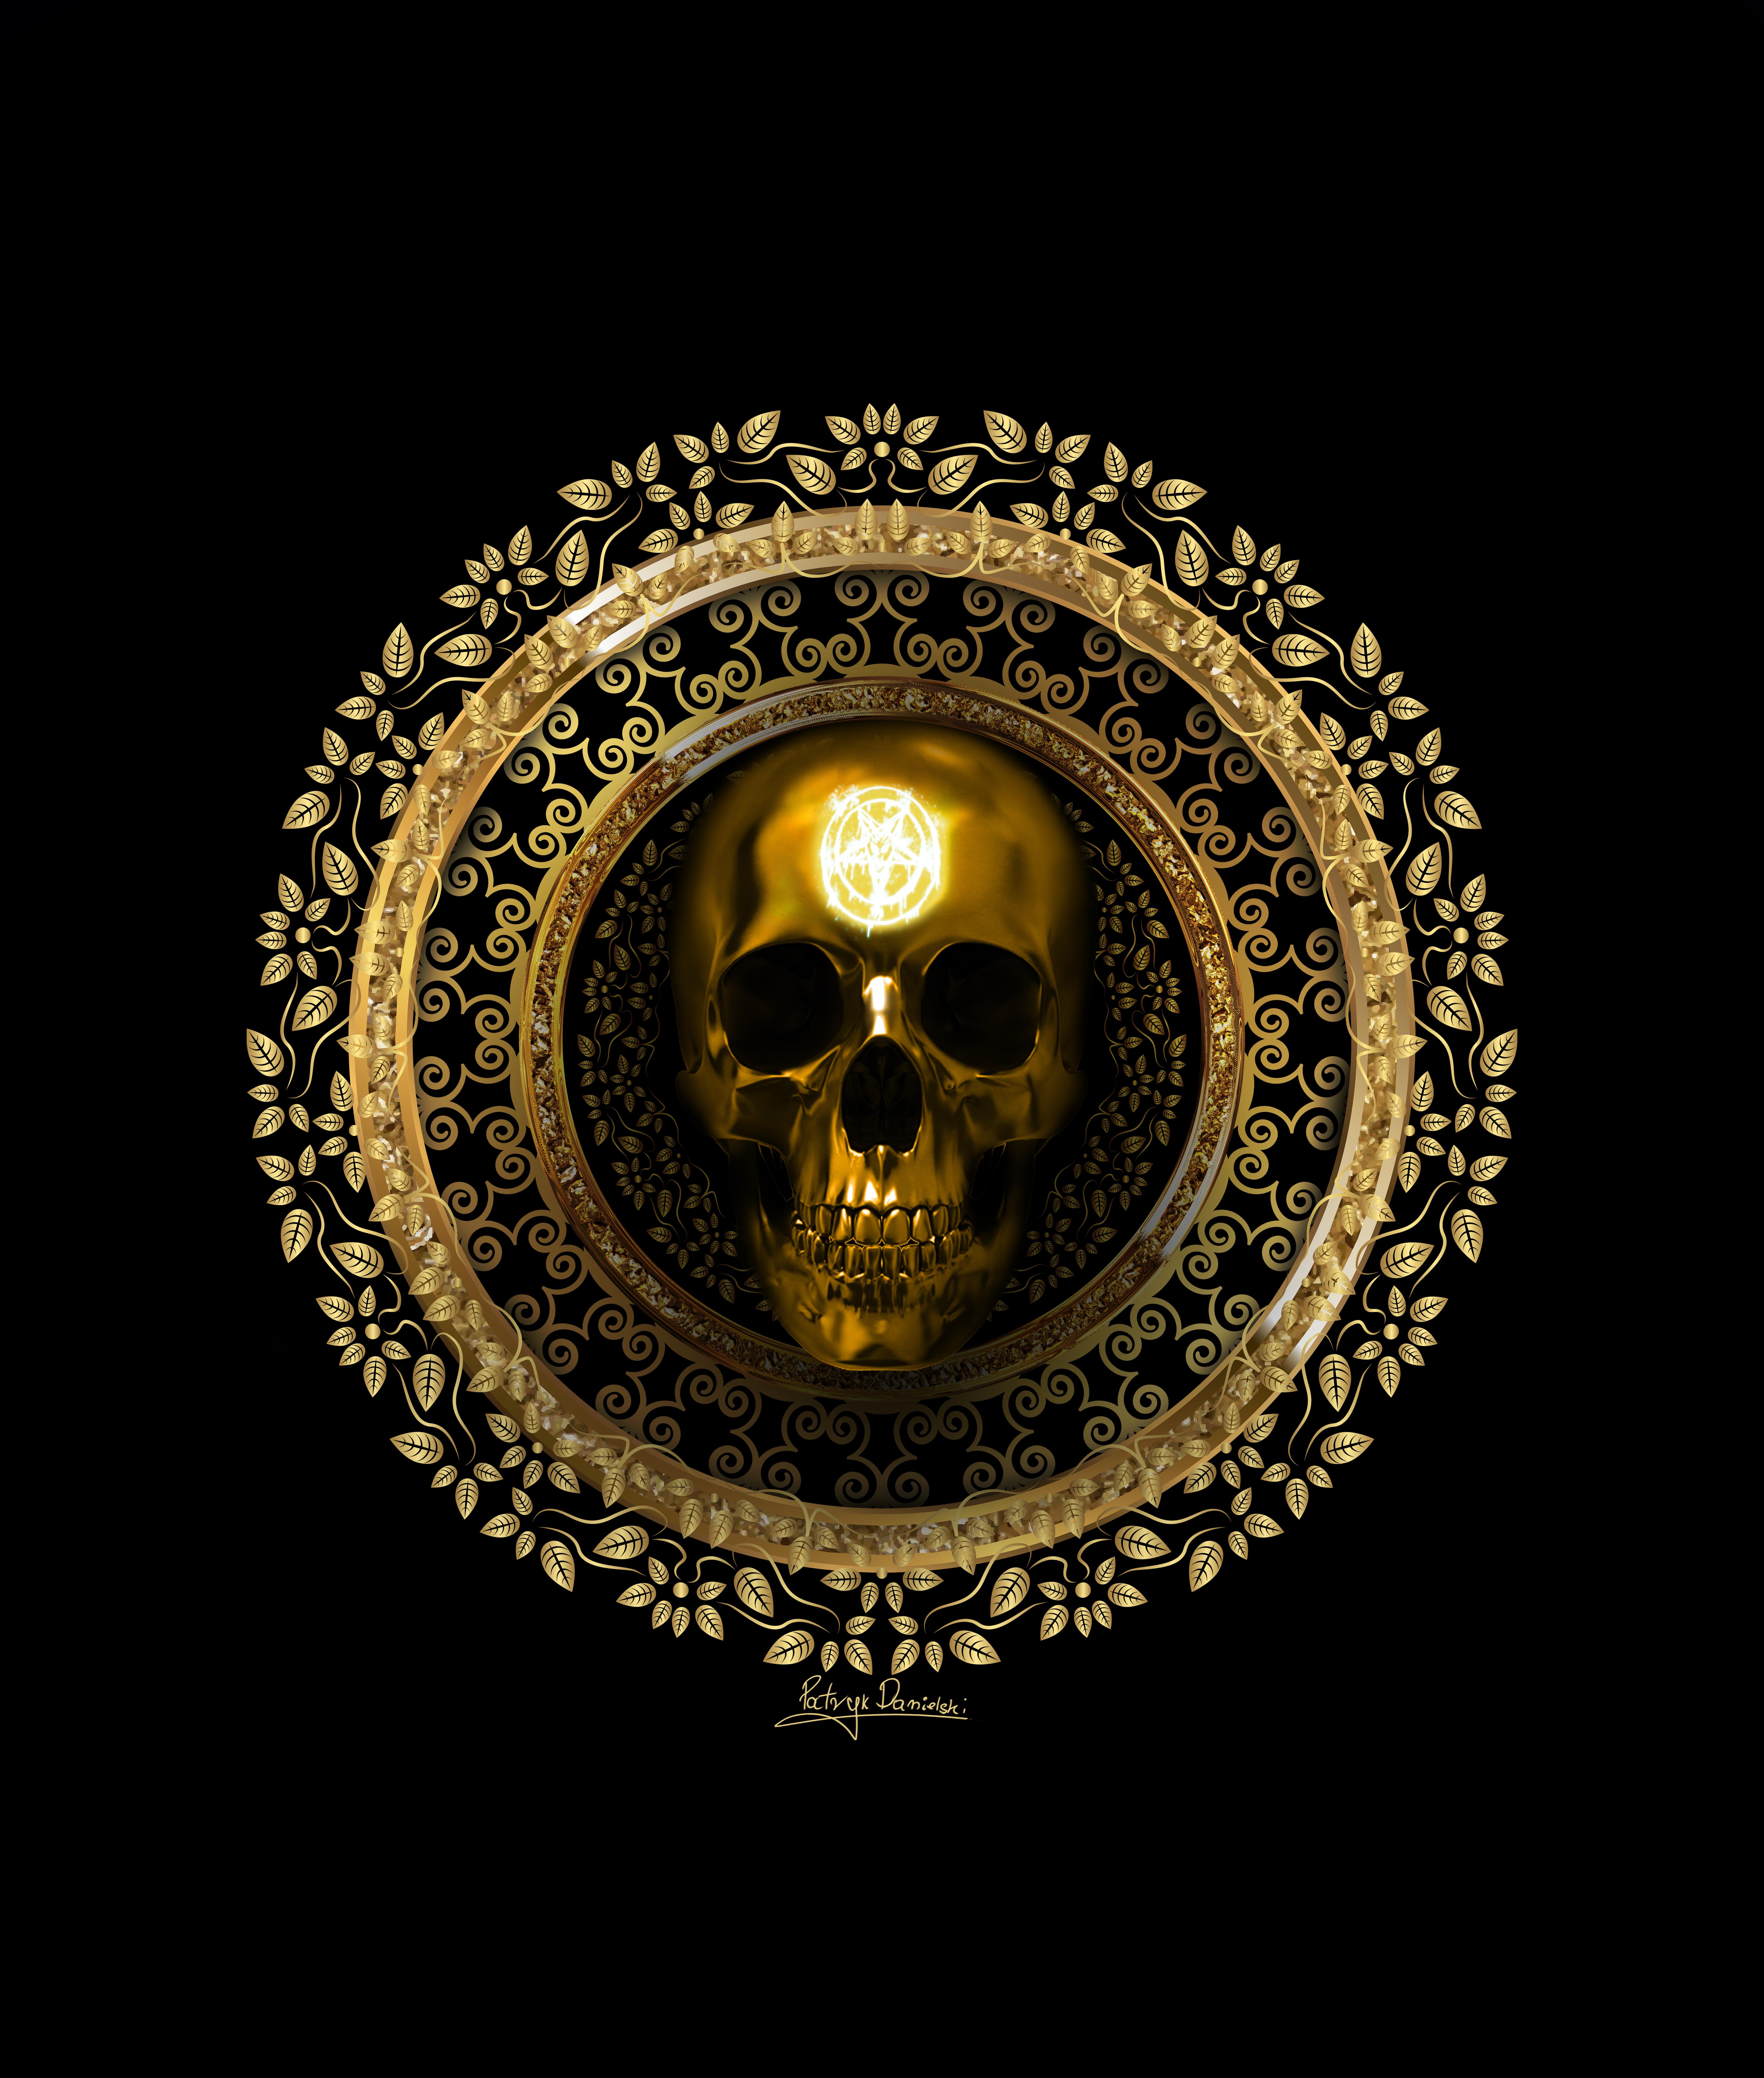 Gold Skull Golden Skull Gold Skull Skull Sticker Skull